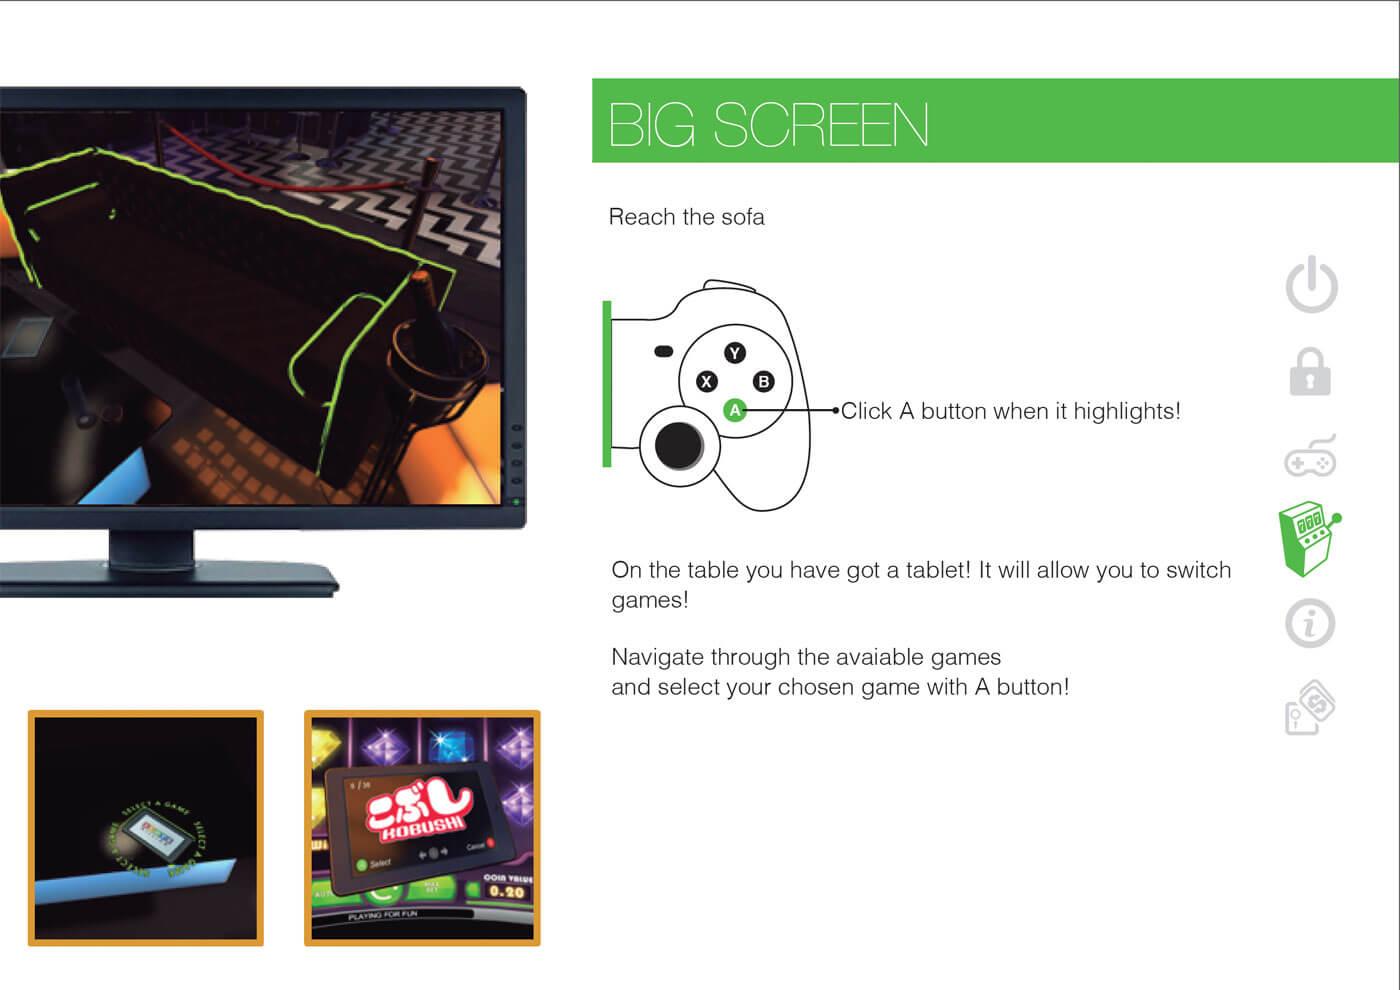 Virtual Realit Games auf einem Big Screen spielen